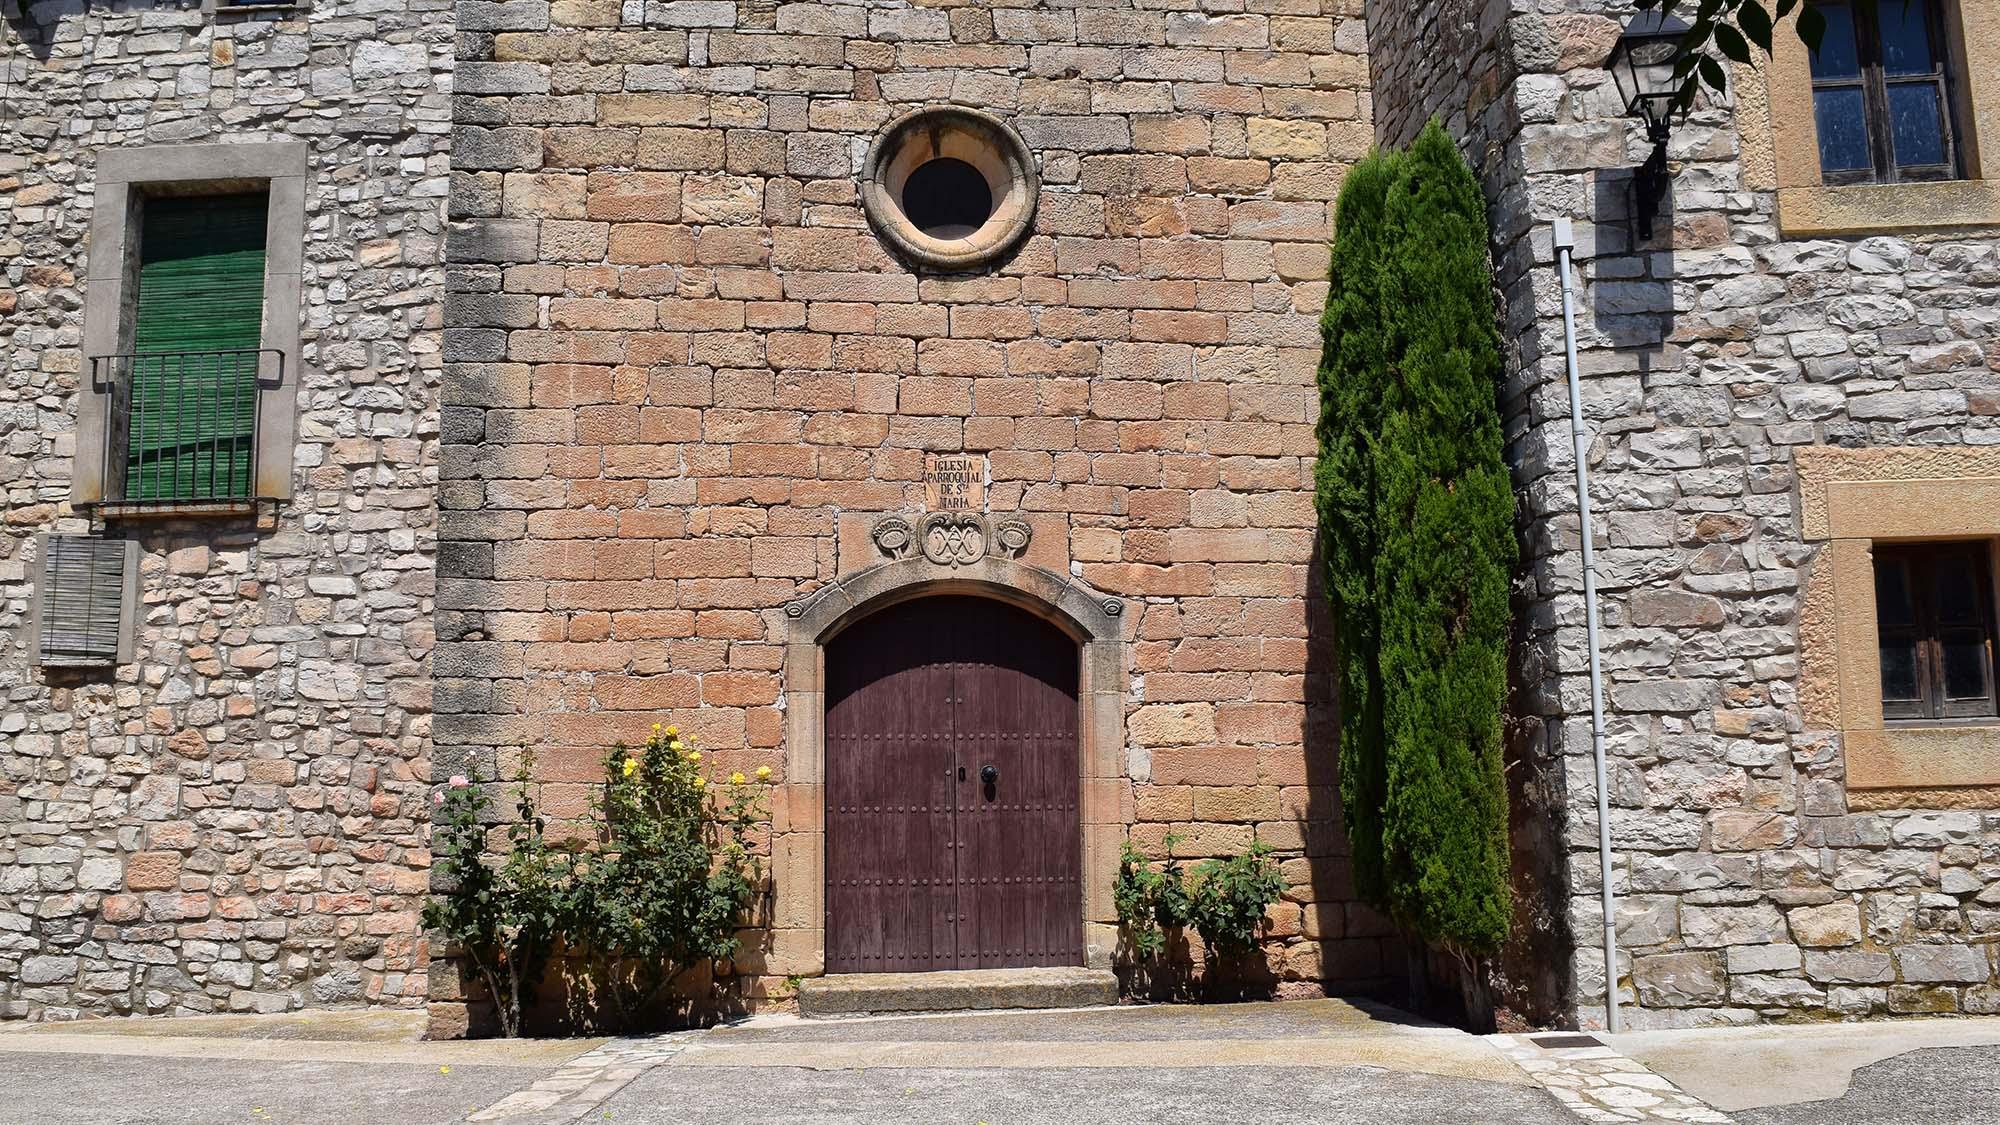 Iglesia l'Assumpció